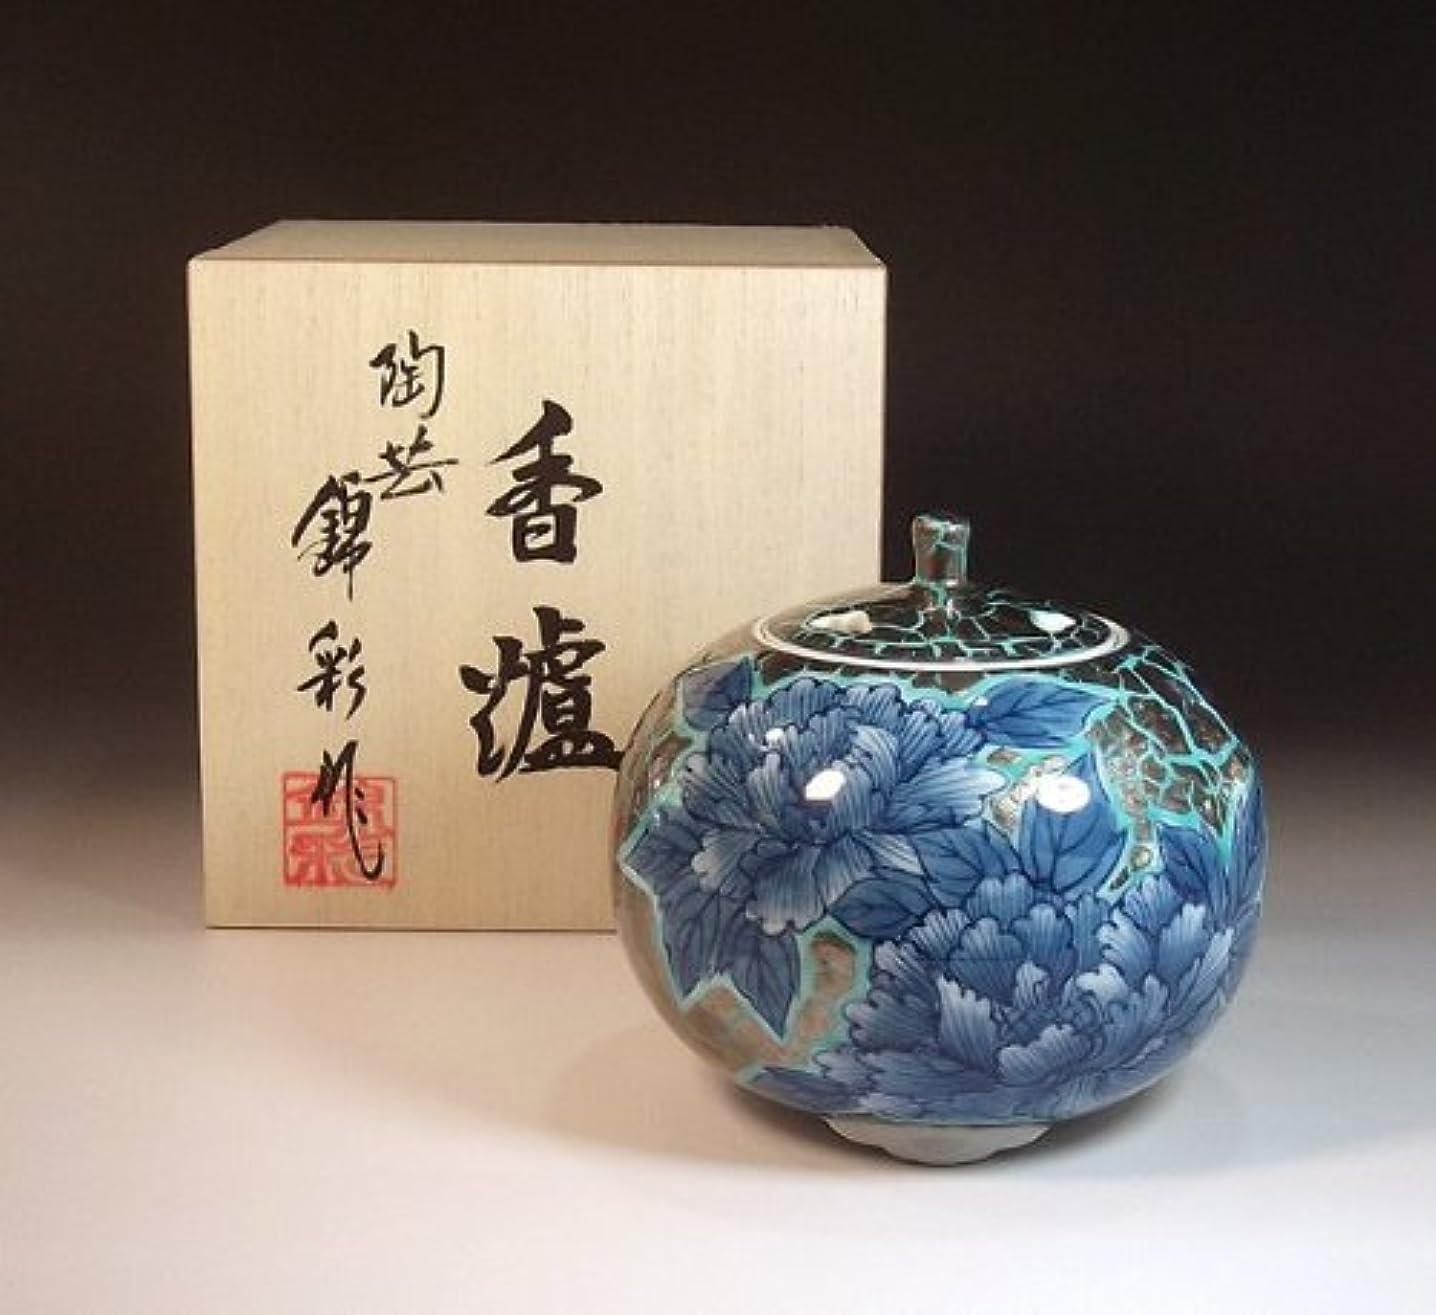 有田焼?伊万里焼の高級香炉陶器|贈答品|ギフト|記念品|贈り物|プラチナ?陶芸家 藤井錦彩